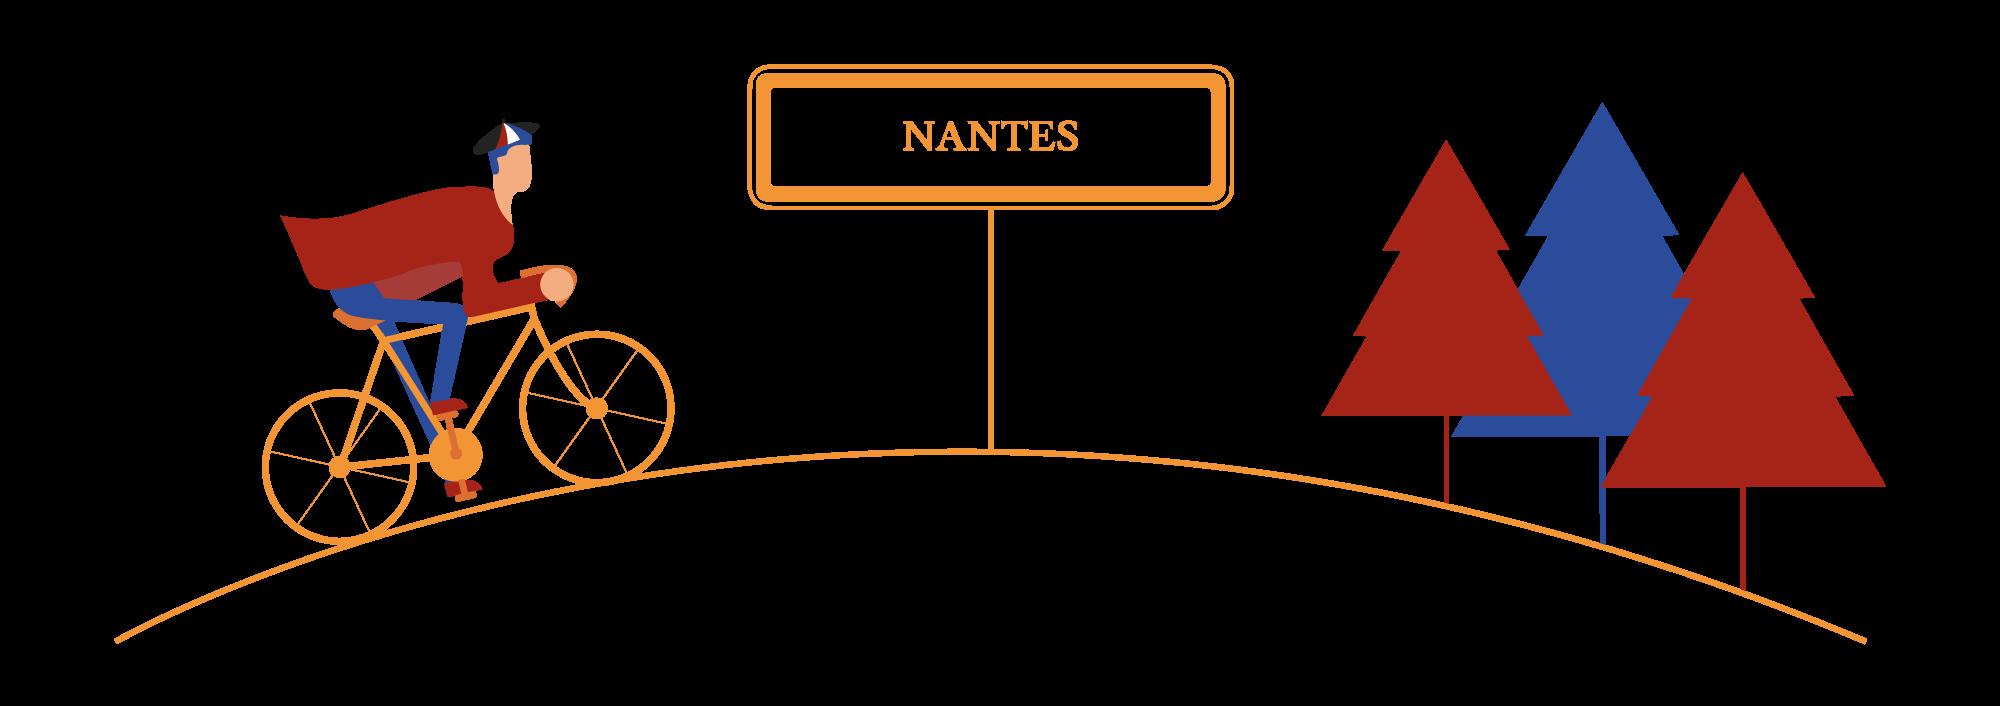 Spécialités de Nantes